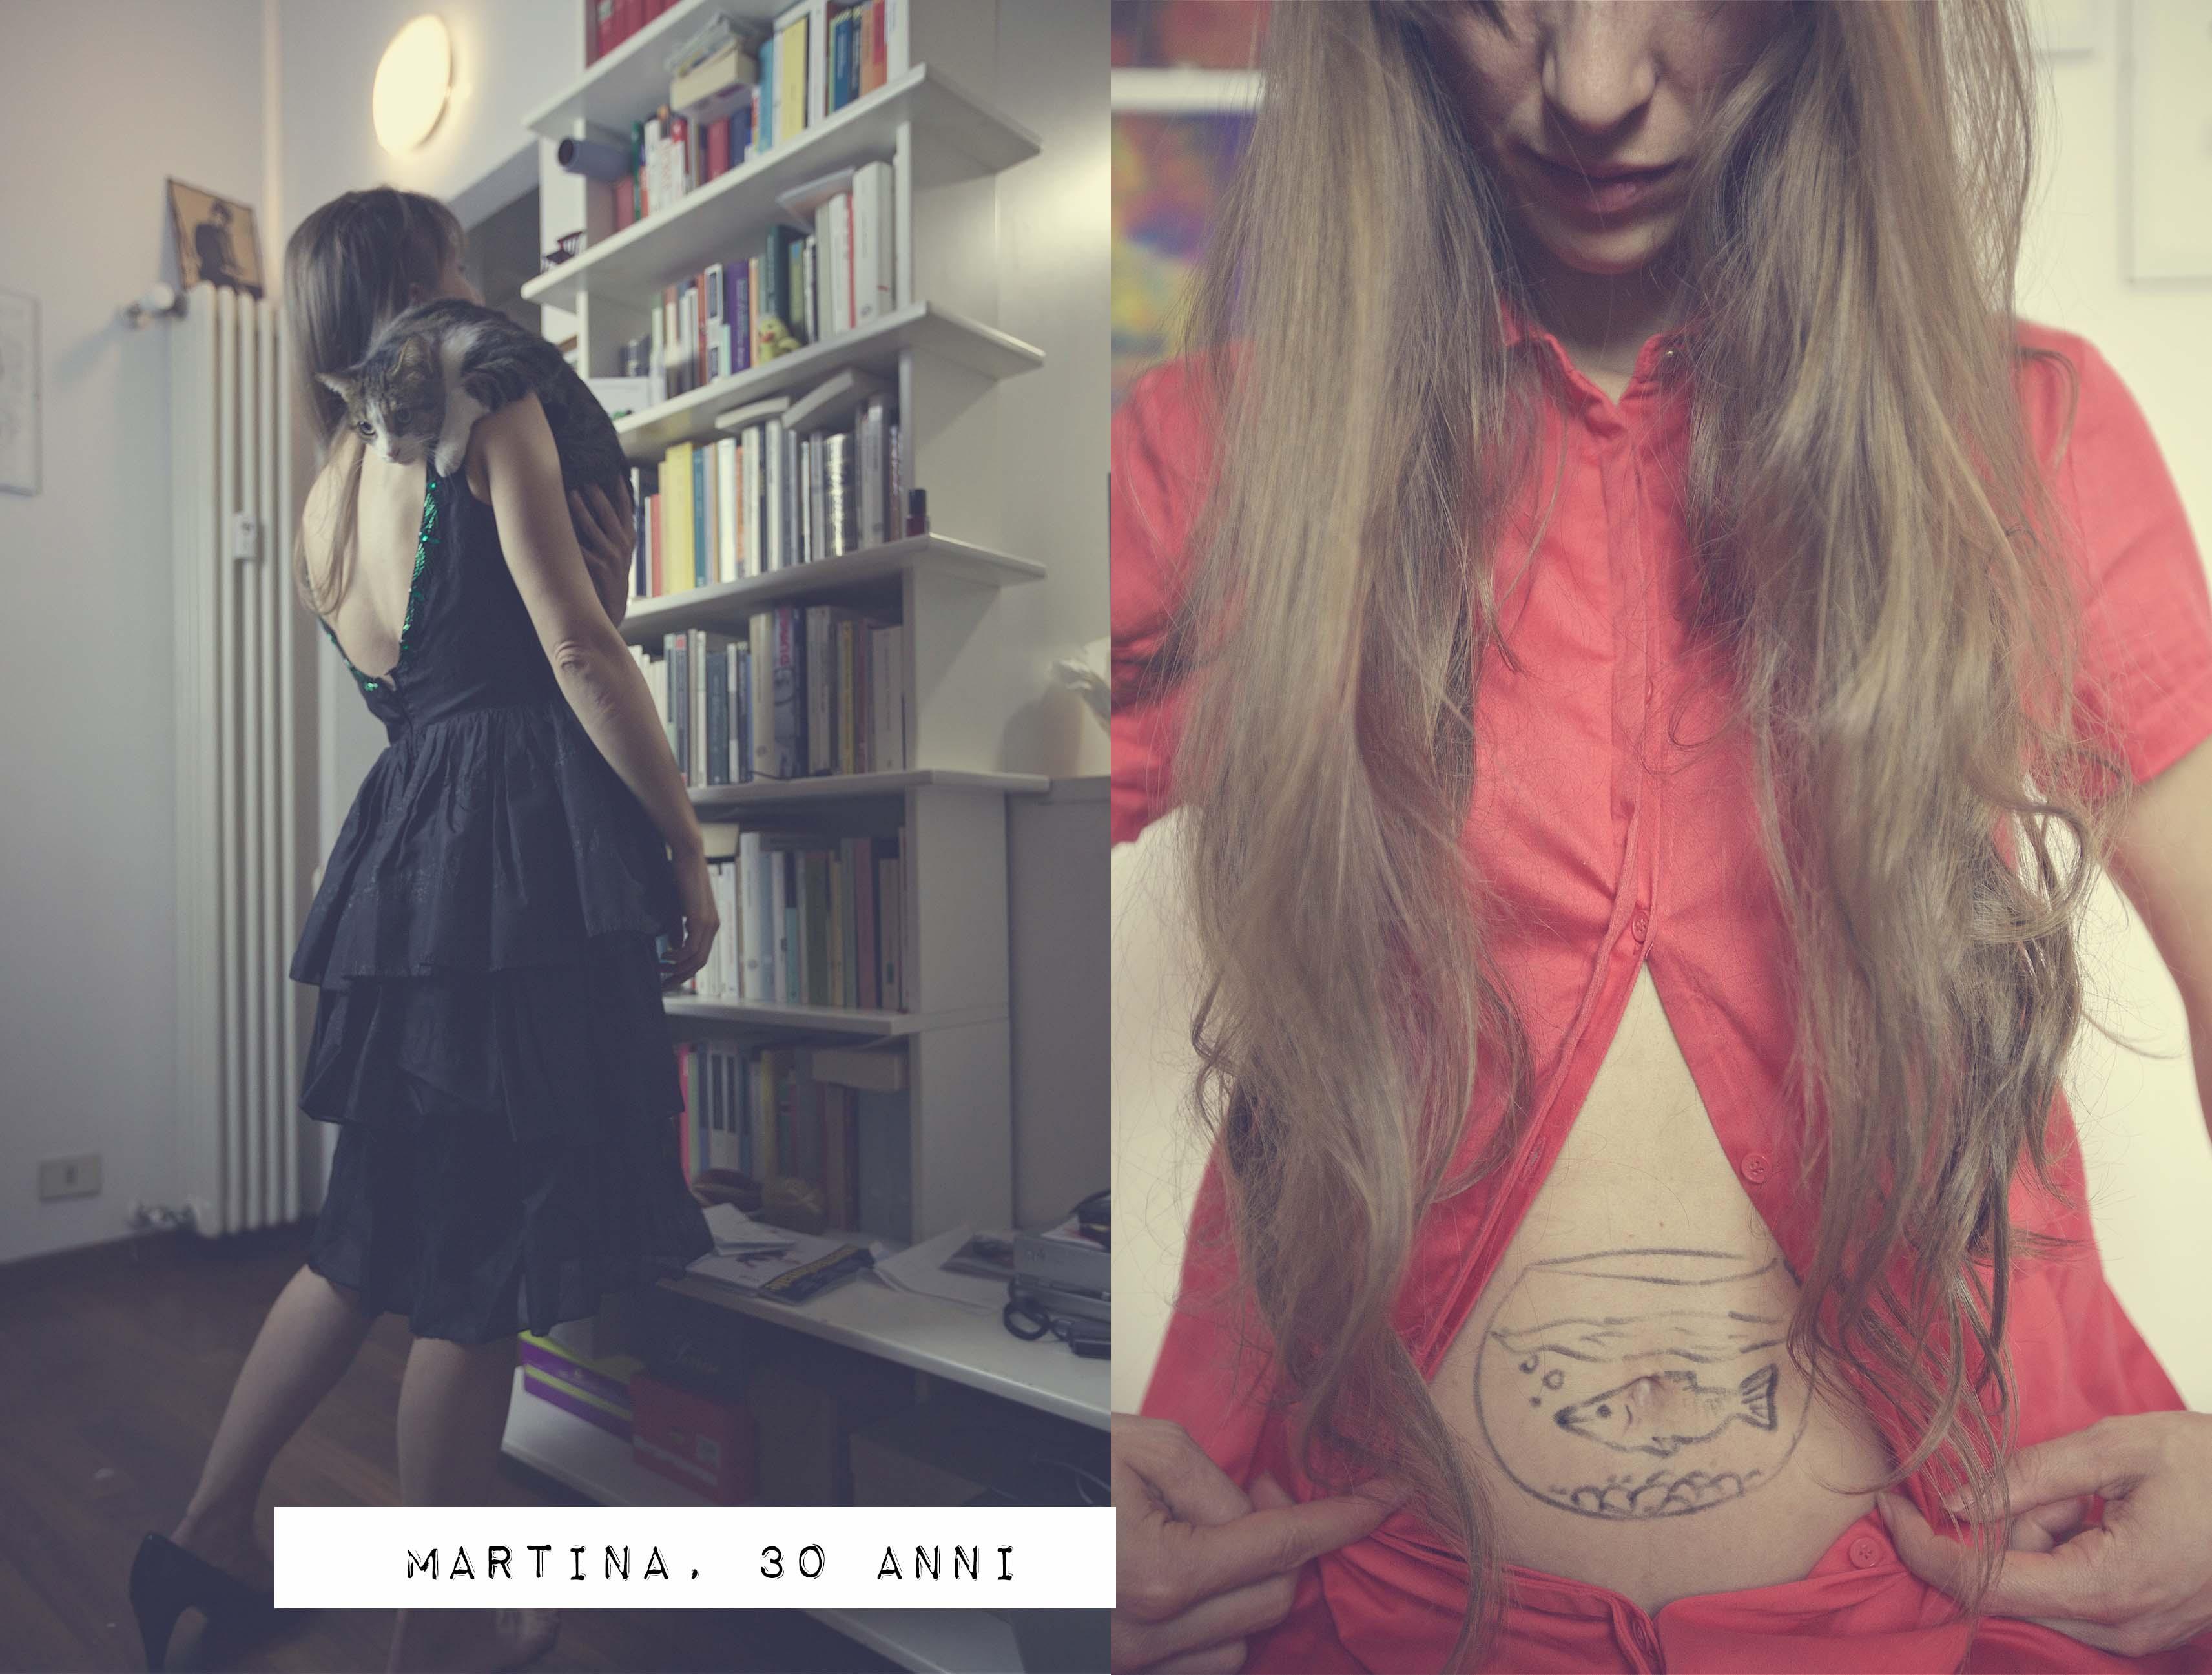 Martina, 30 anni